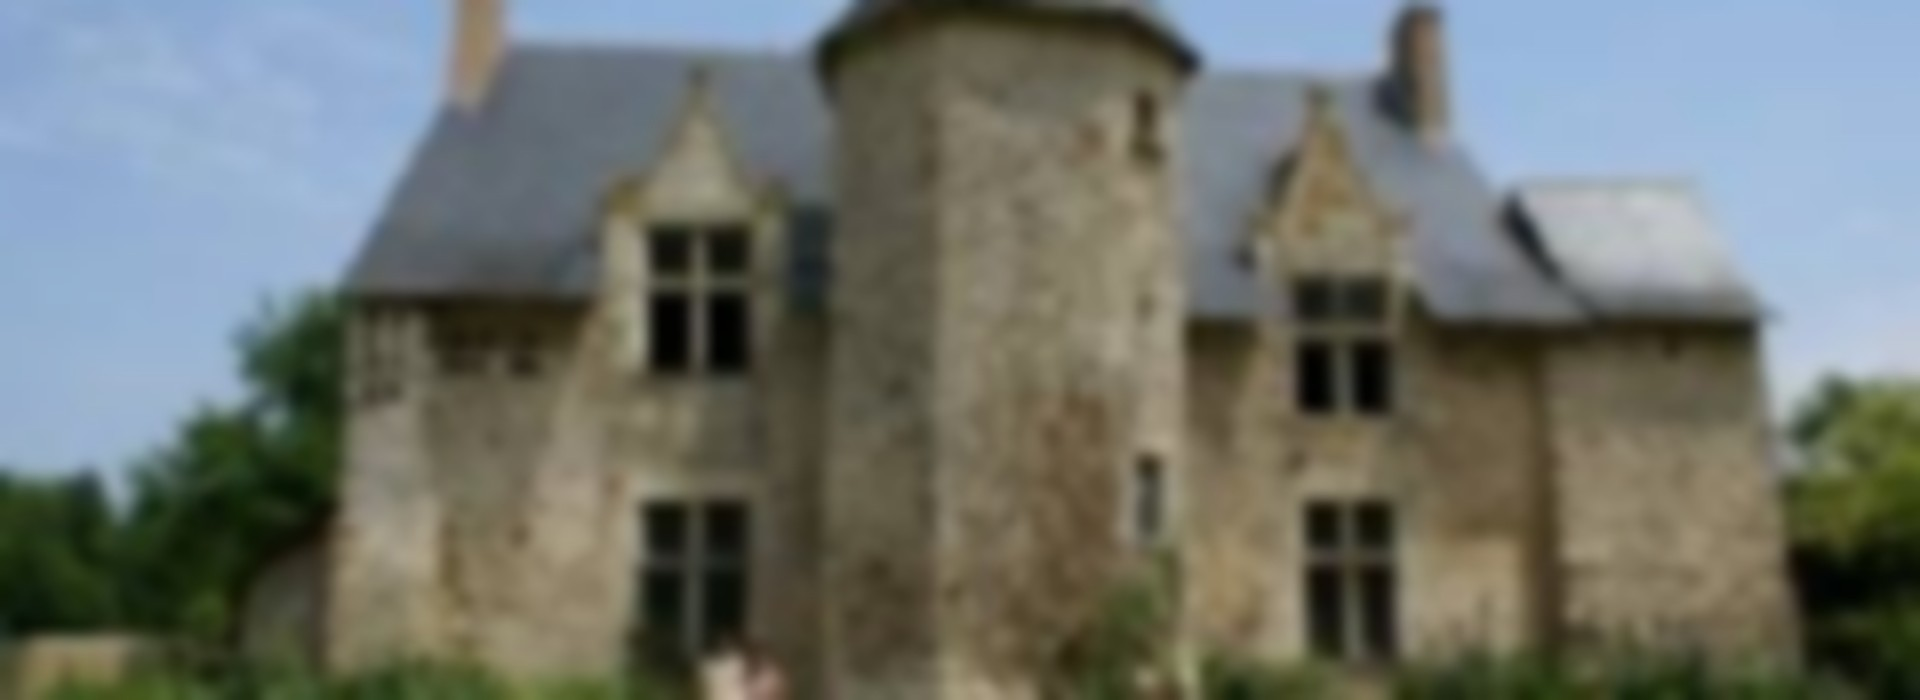 Les Caves Du Manoir chambres d'hotes le manoir de vaux: bed and breakfast france